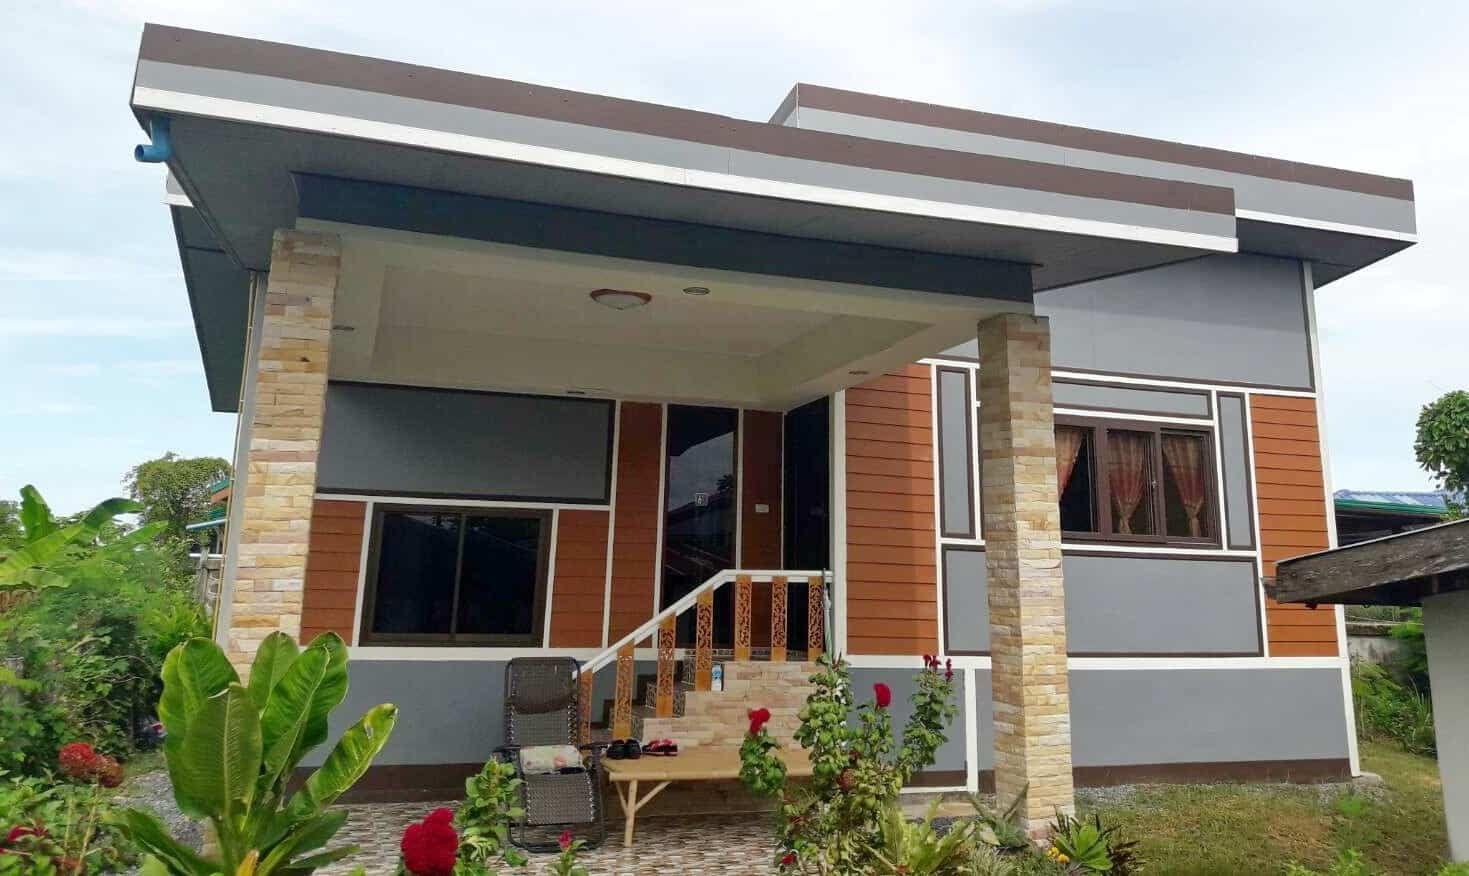 ร ว ว สร างบ านช นเด ยว ราคาประหย ด 2 ห องนอน 1 ห องน ำ งบประมาณ 350 000 บาท House Floor Design Bungalow House Floor Plans Simple Bungalow House Designs